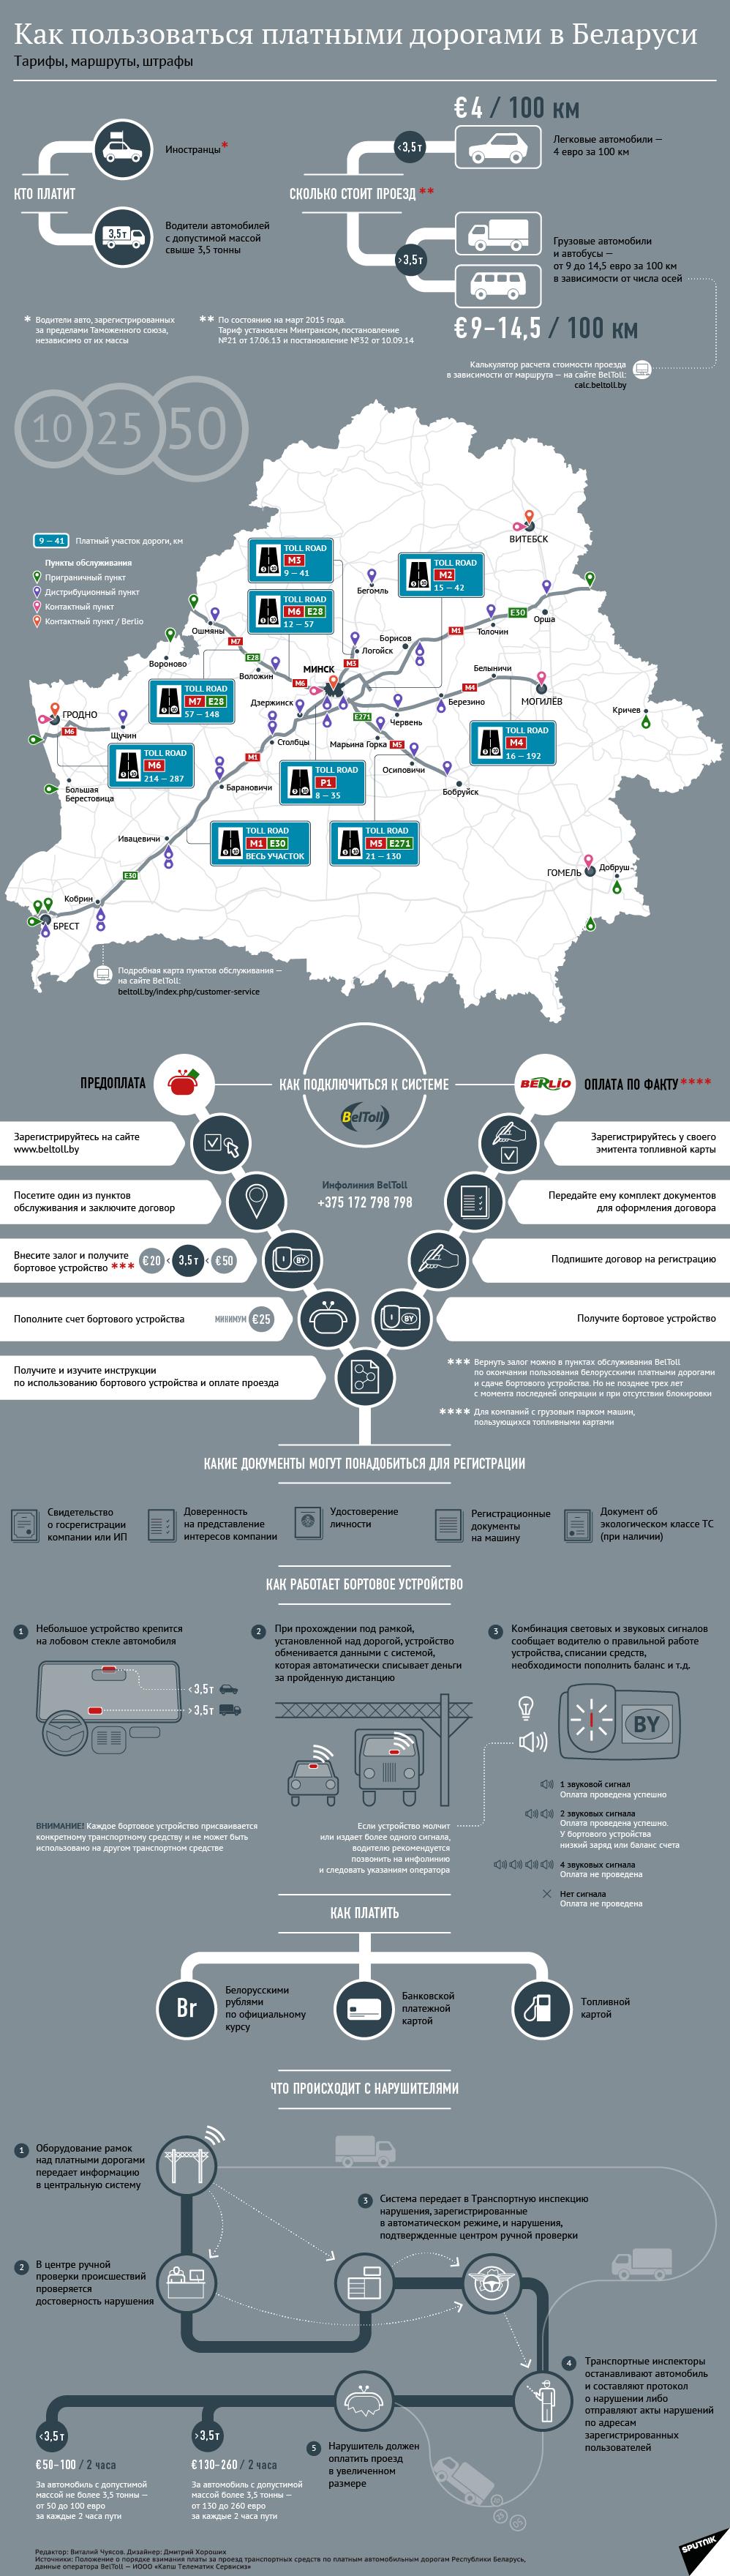 Як карыстацца платнымі дарогамі ў Беларусі